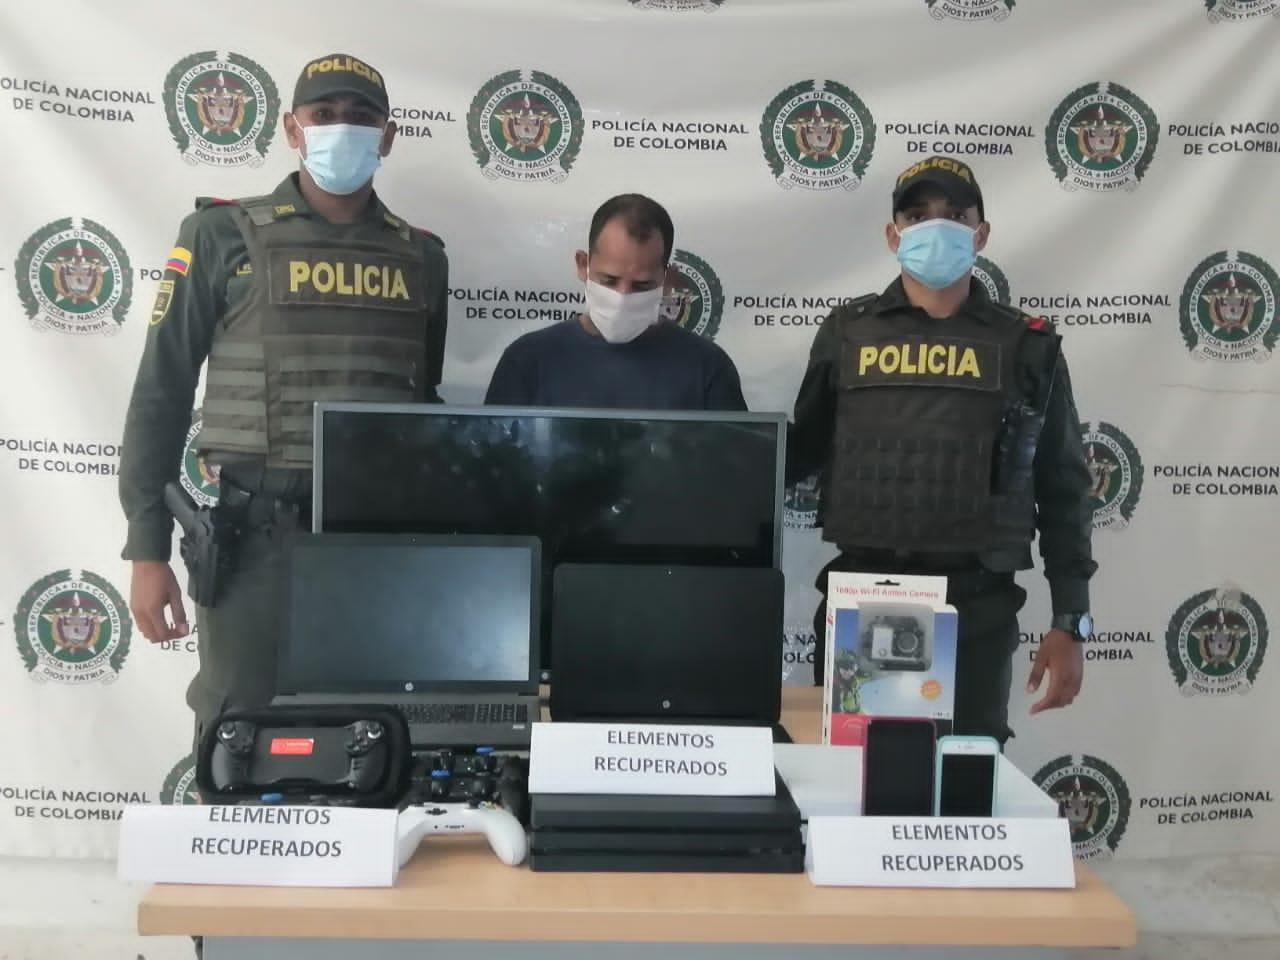 https://www.notasrosas.com/Capturado ciudadano en Riohacha, minutos después de un hurto residencial